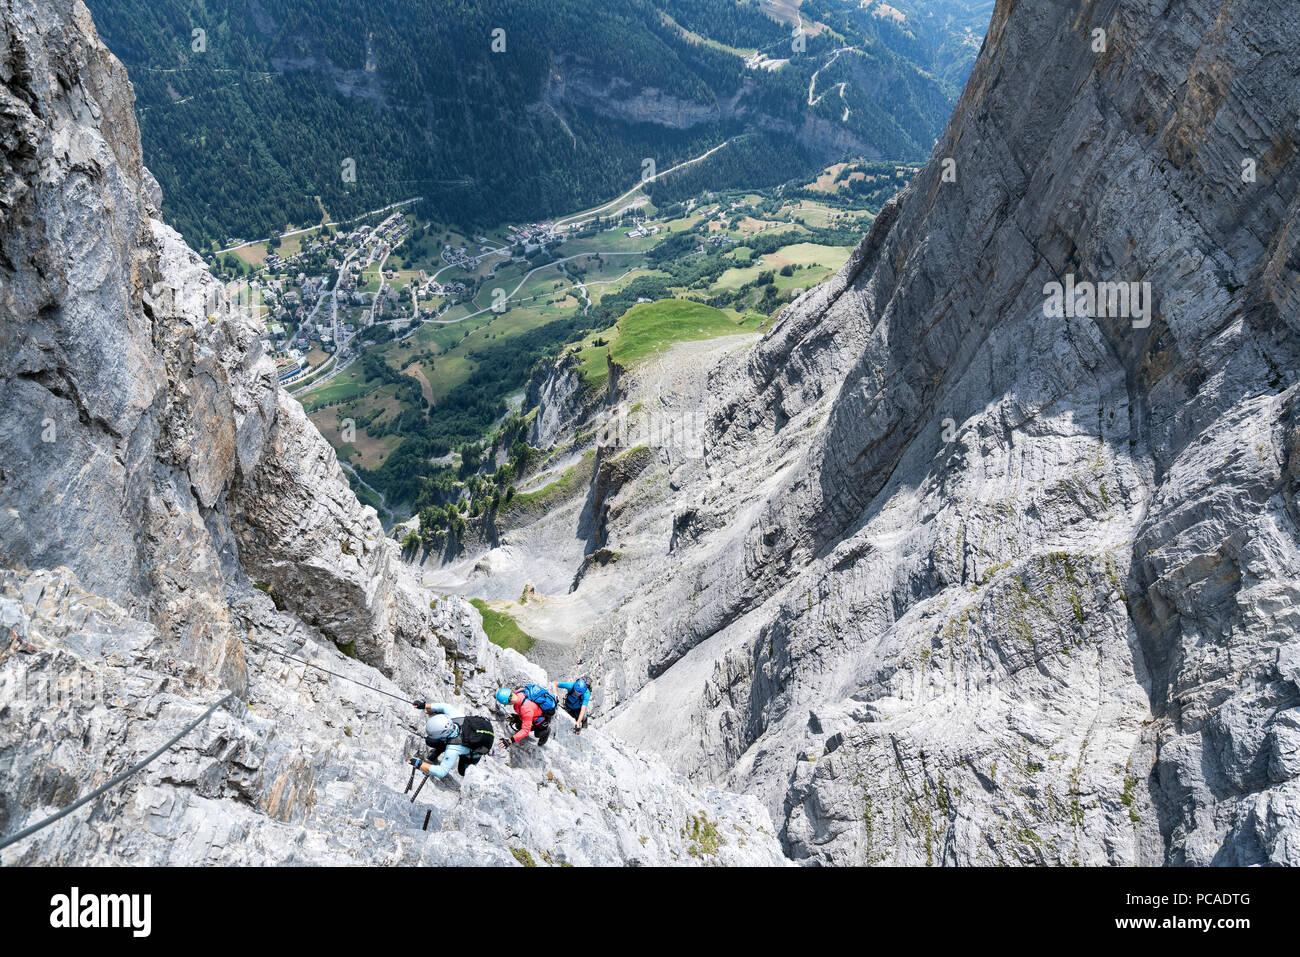 Klettersteig Leukerbad : Klettersteig gemmi daubenhorn leukerbad aktuelle lohnt